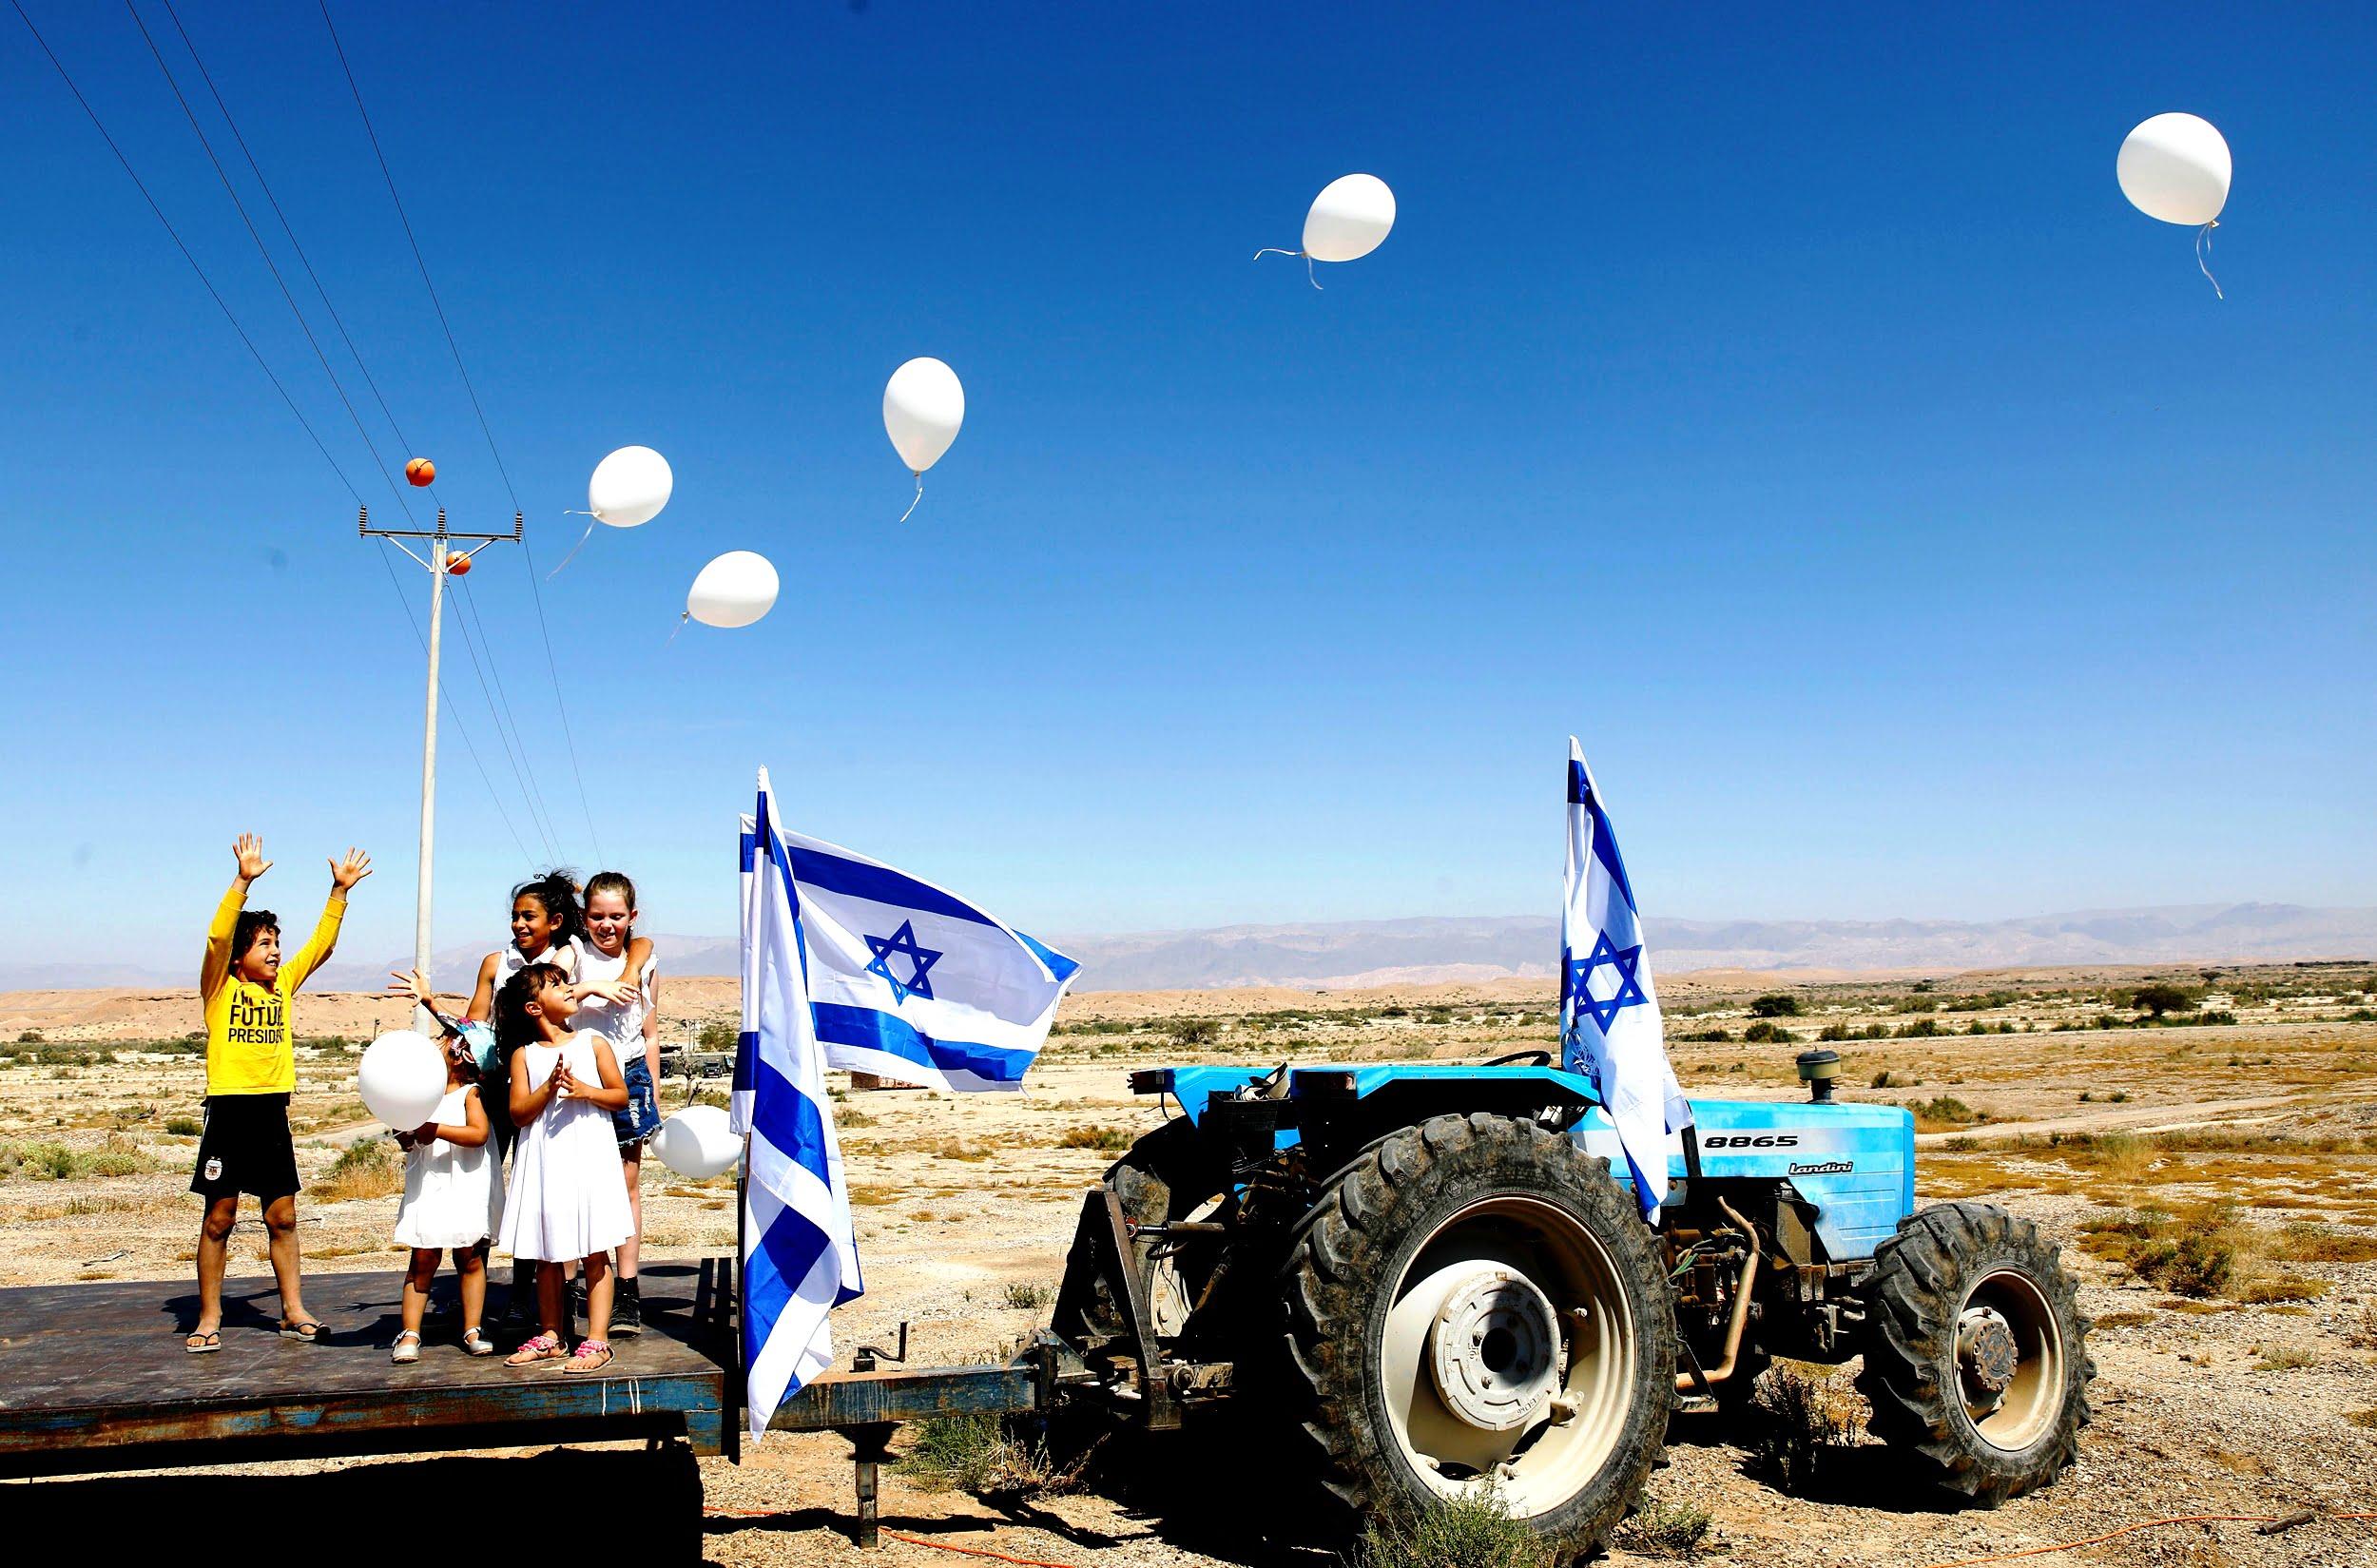 """Γιδεόν Λεβί: """"Το Ισραήλ είναι χαμένη υπόθεση. Ξεχάστε το."""""""